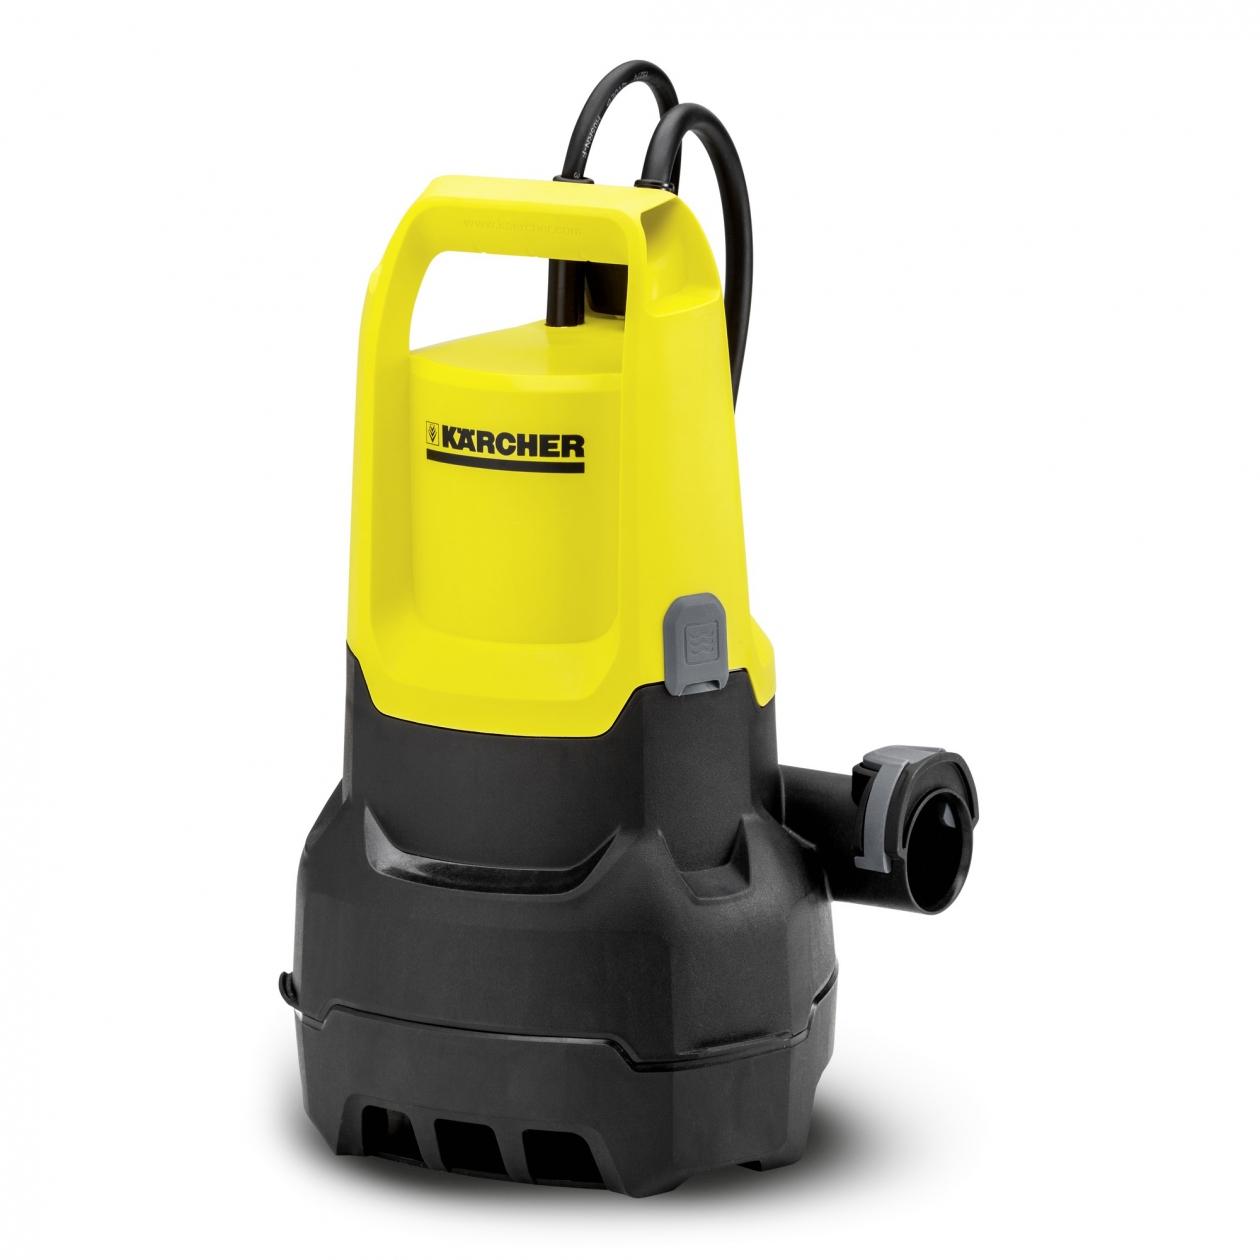 Vannpumpe for drenering Karcher SP 5 Dirt